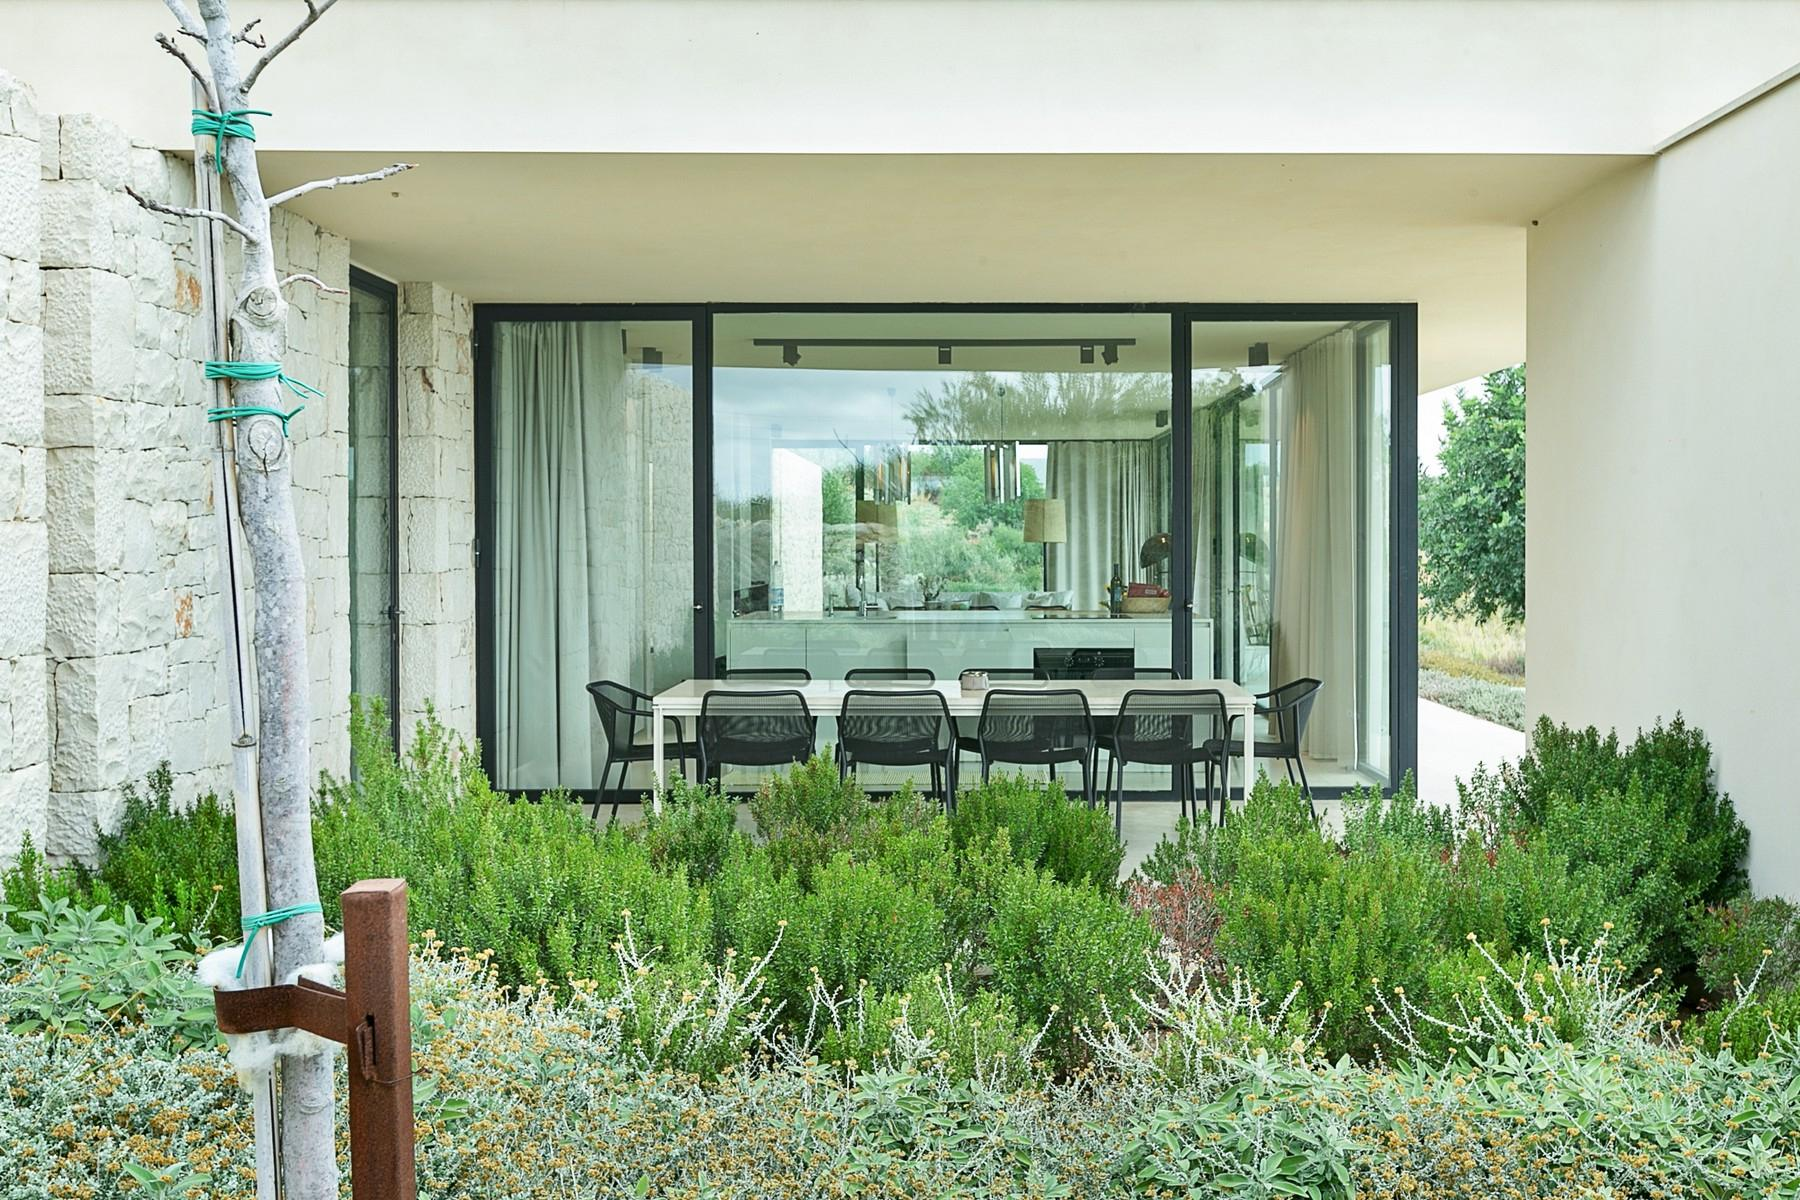 拥有游泳池和附属建筑当代设计的别墅 - 18